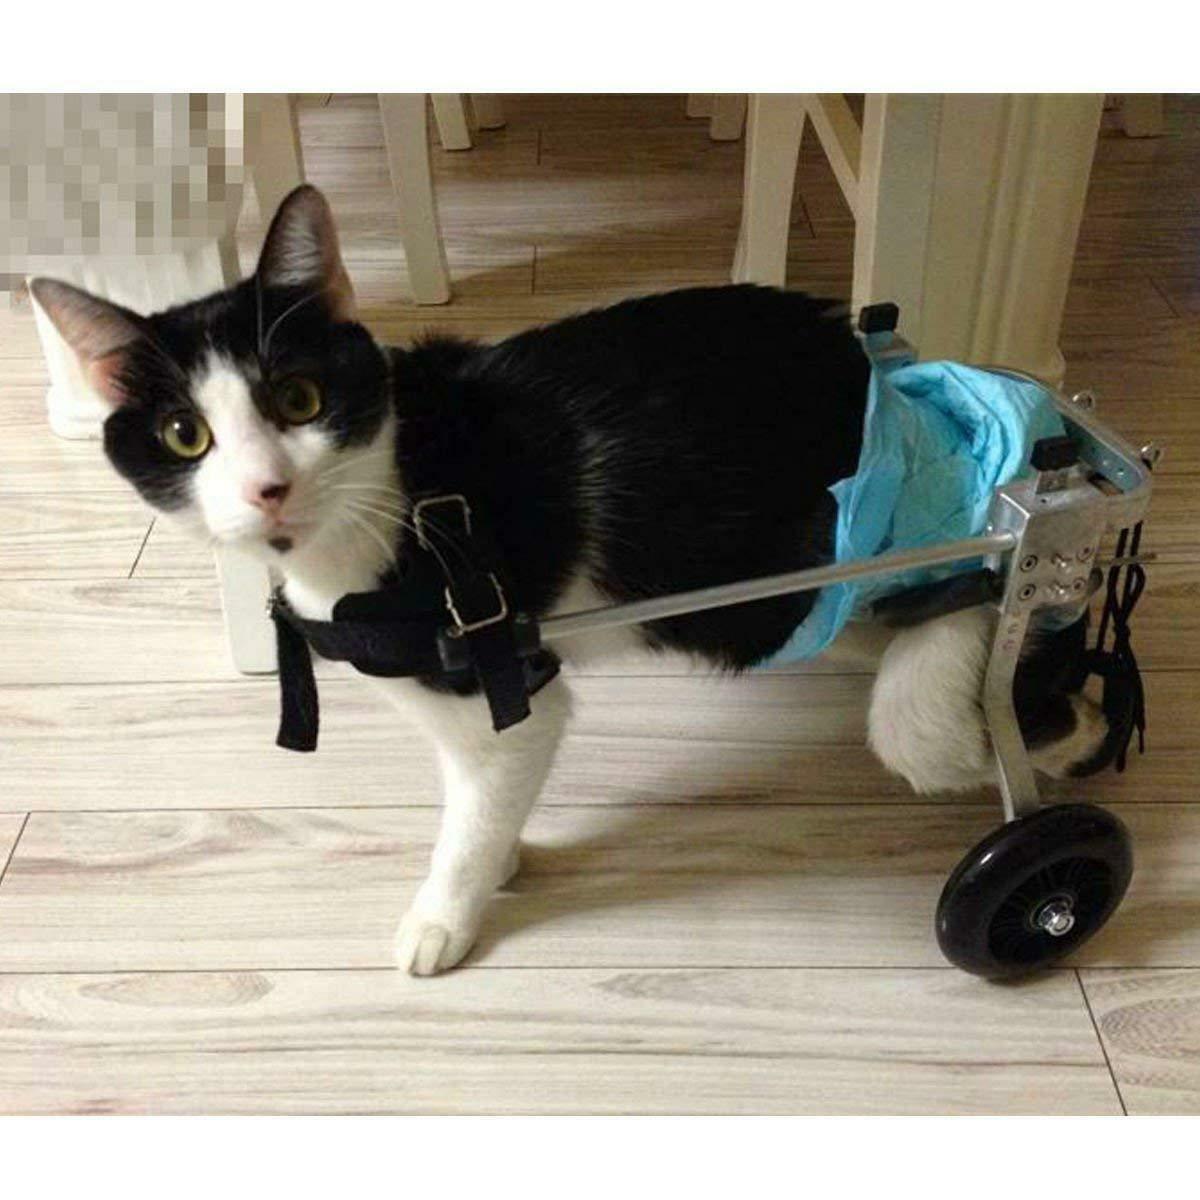 Инвалидные коляска для кошки с парализованными задними ногами